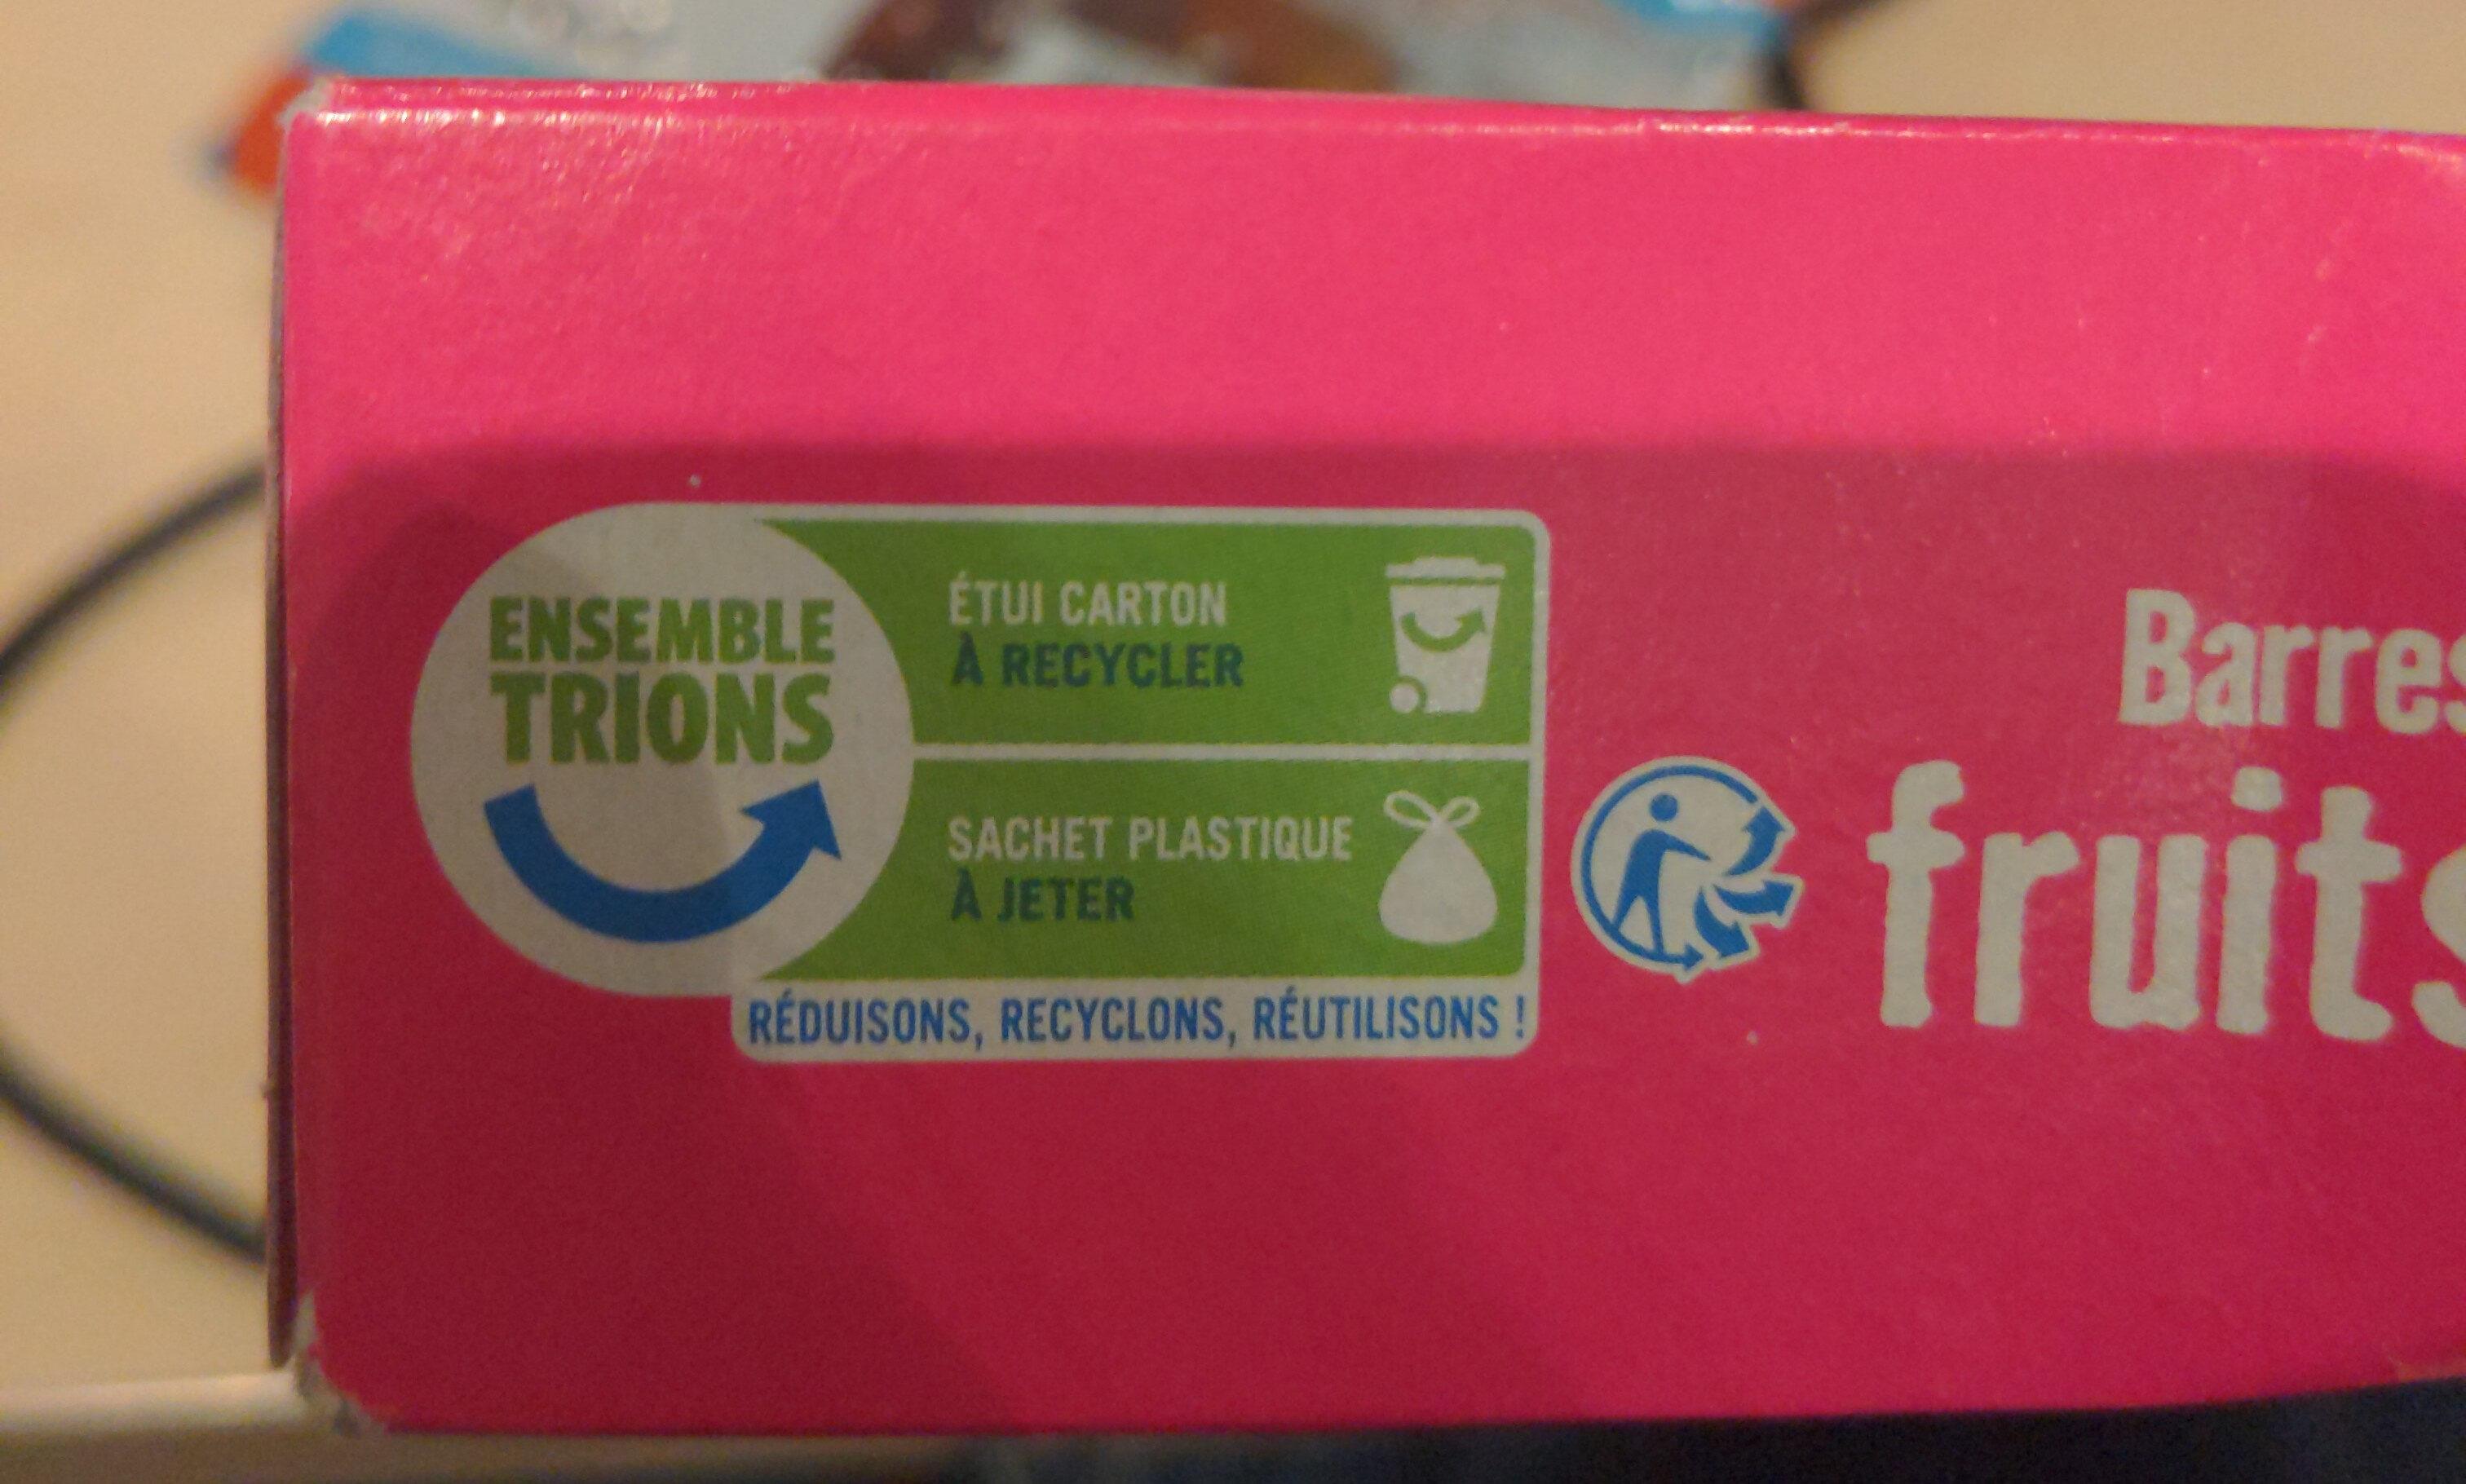 Barres céréales fruits rouges x 6 - Instruction de recyclage et/ou informations d'emballage - fr